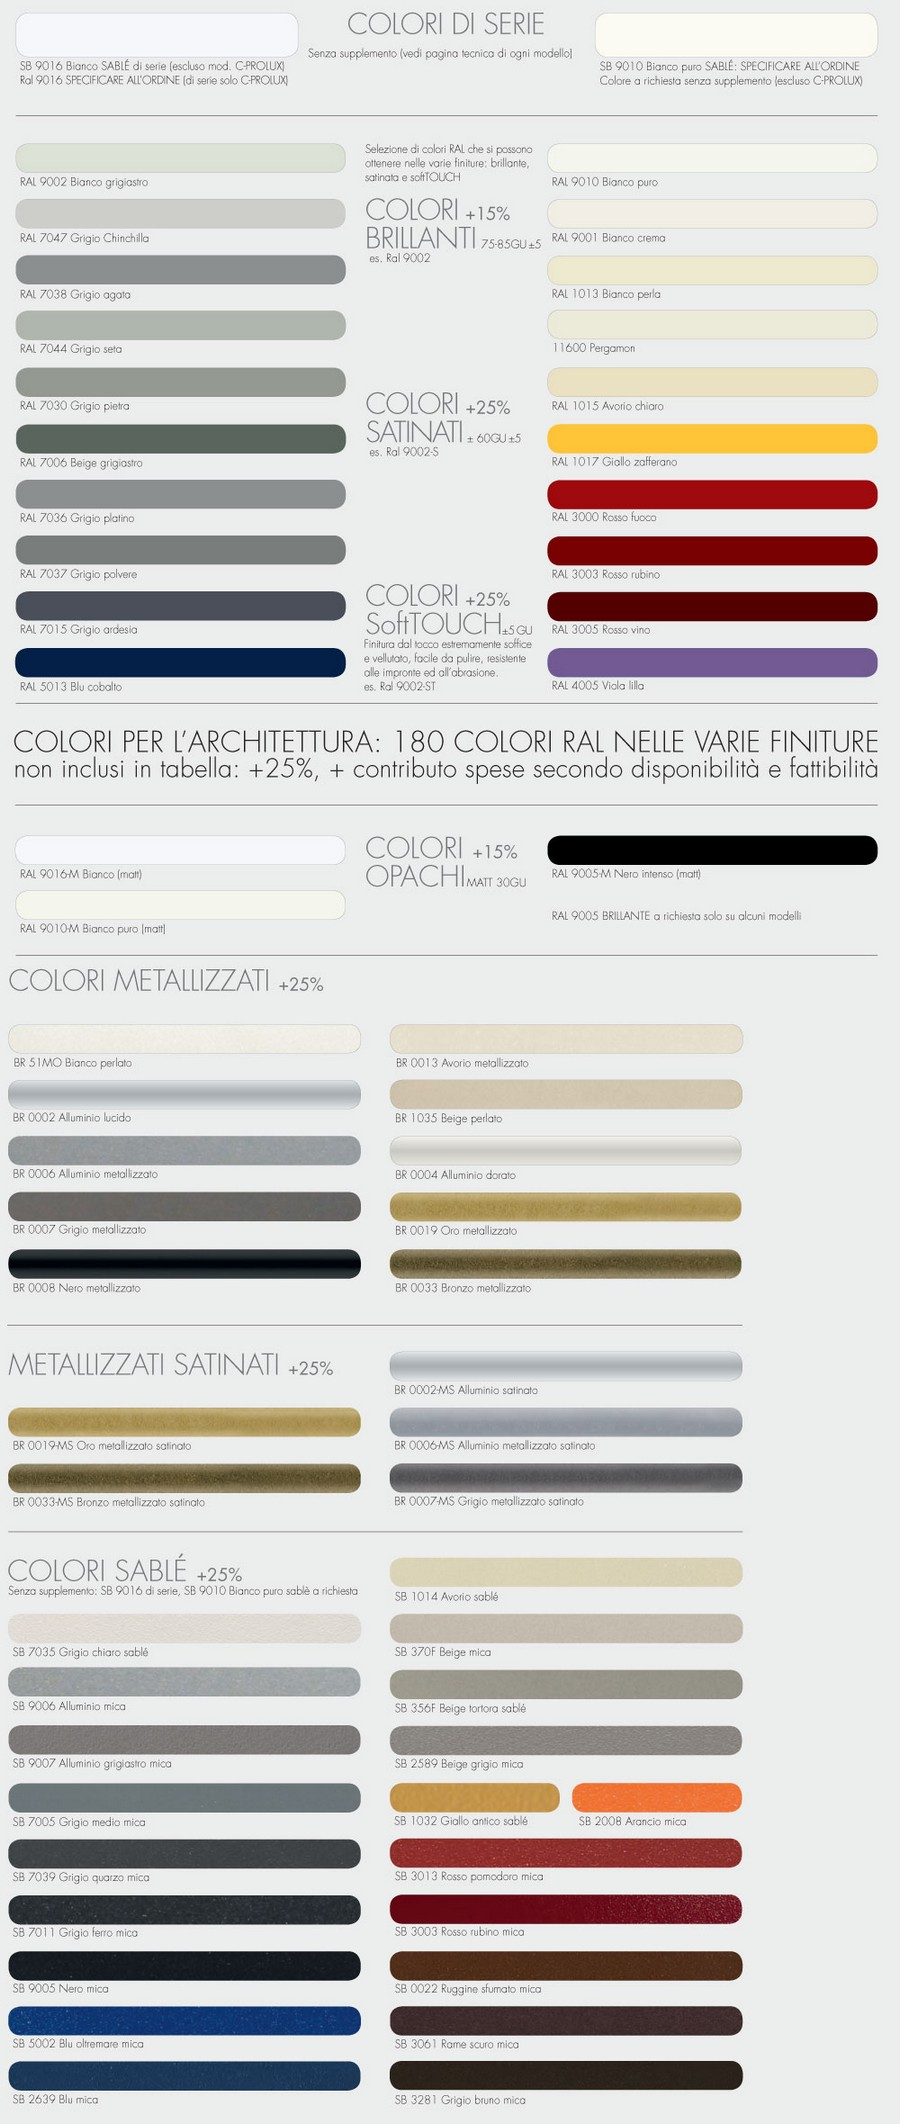 Tabella-Colori-Brem-Radiatori-Caloriferi-Scaldasalviette